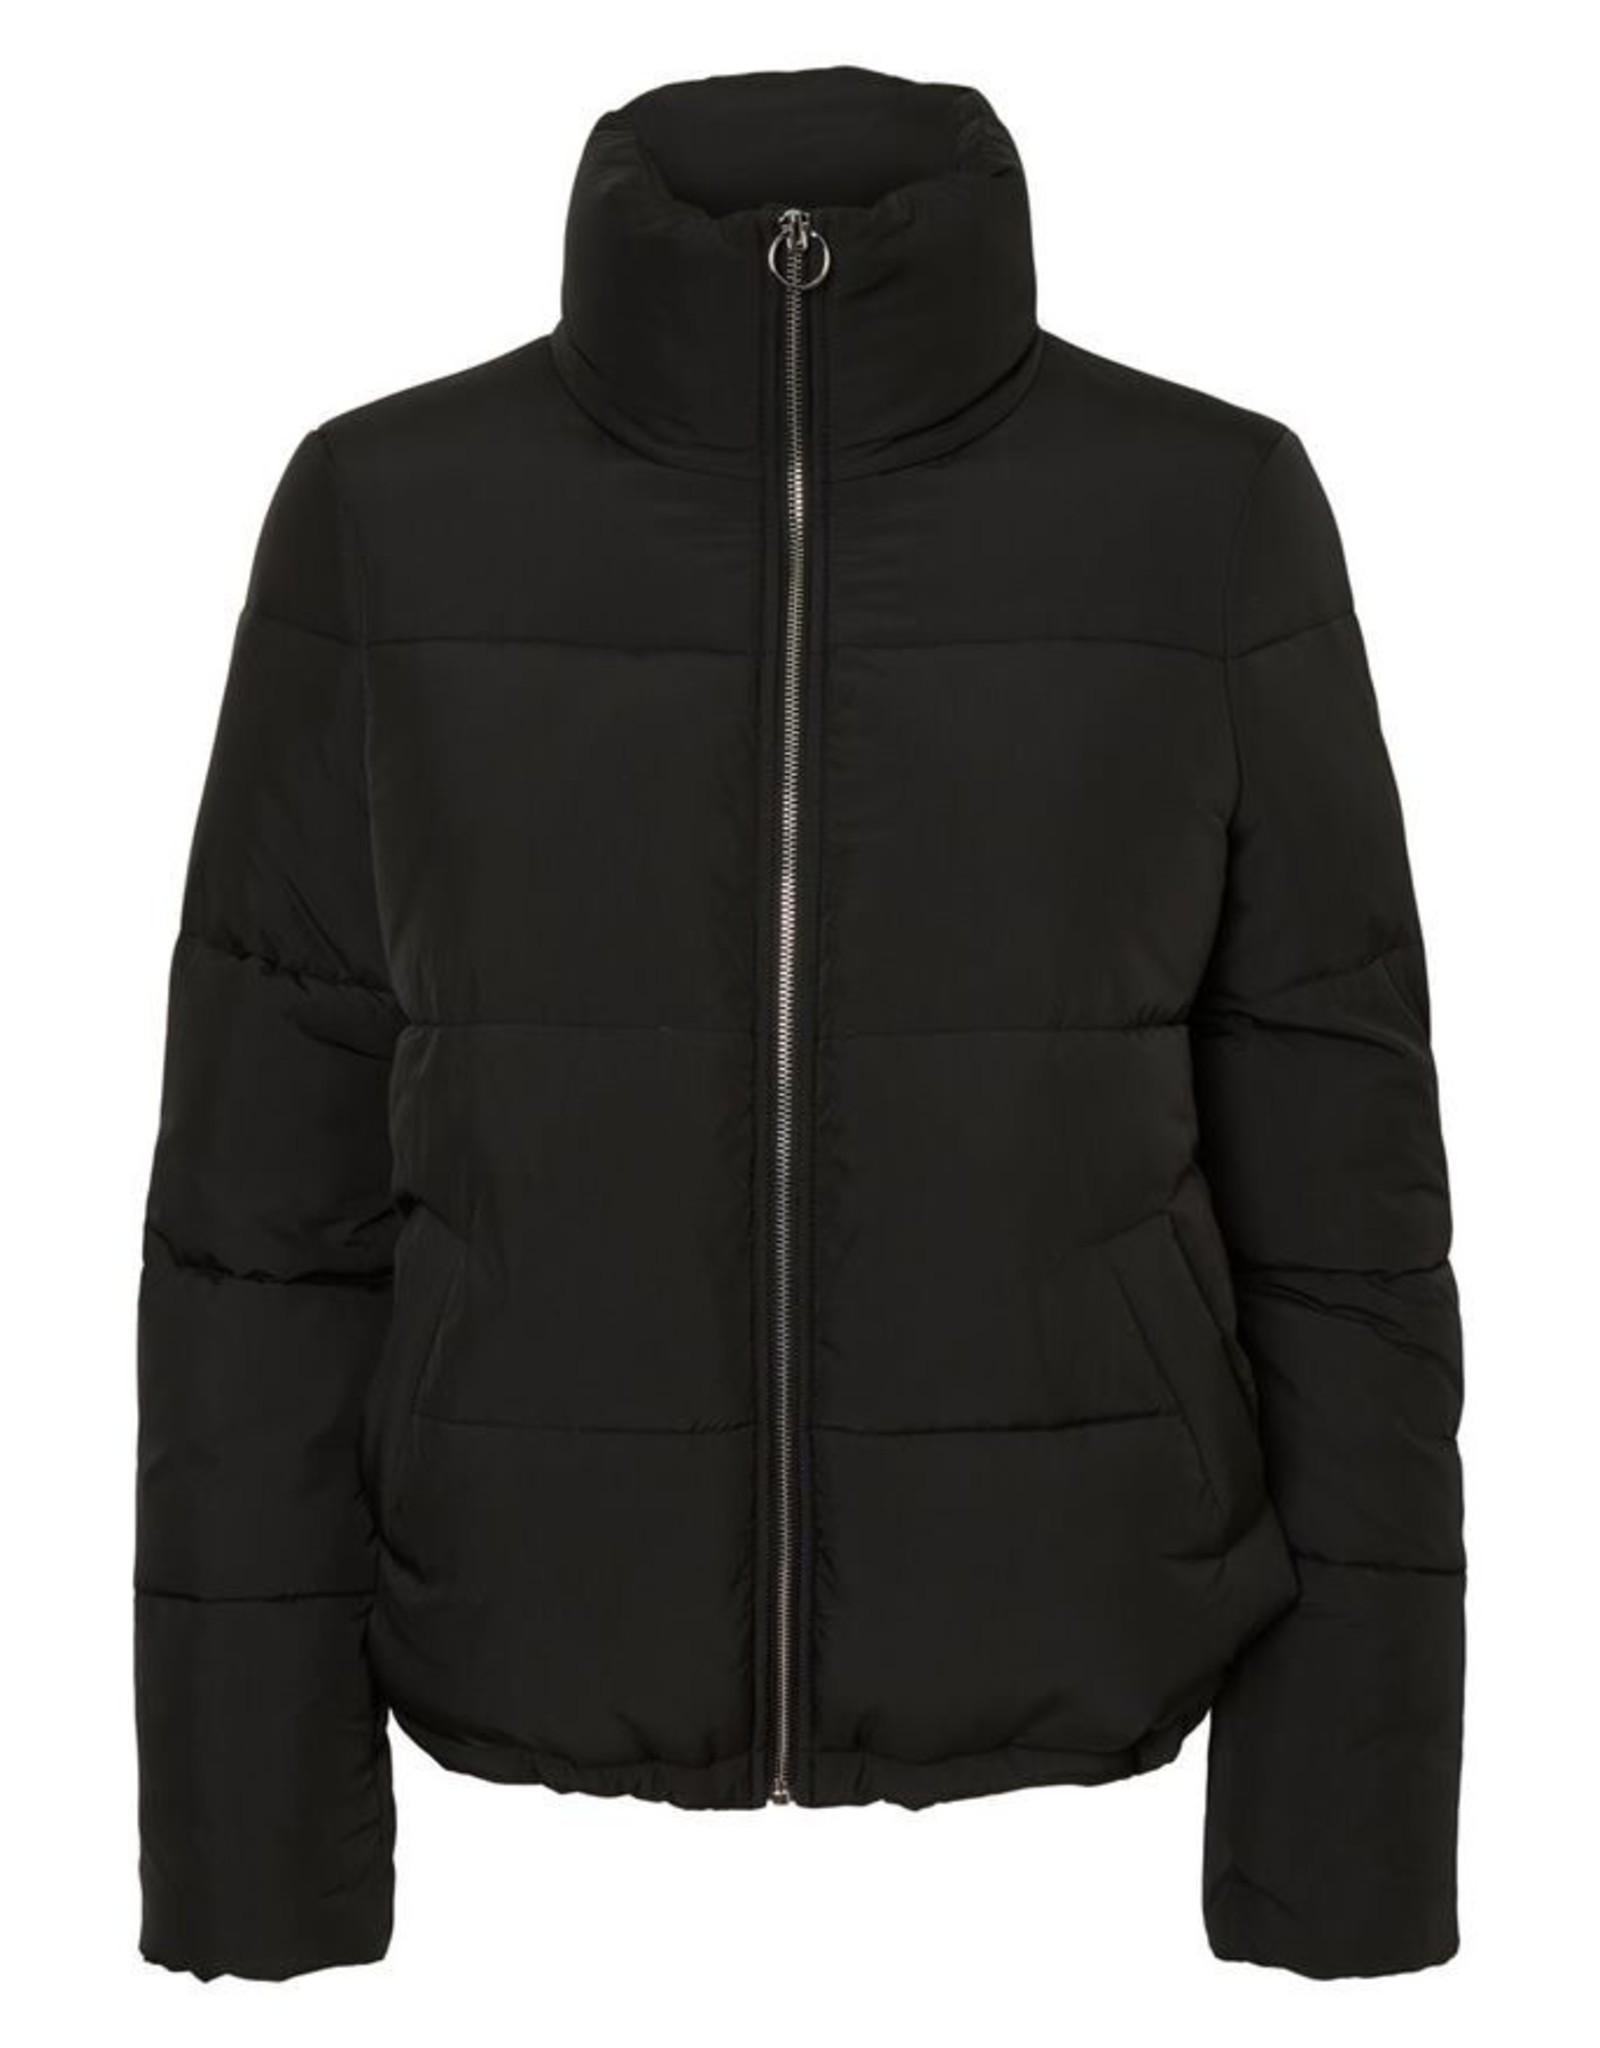 VERA MODA Short Puffer Jacket